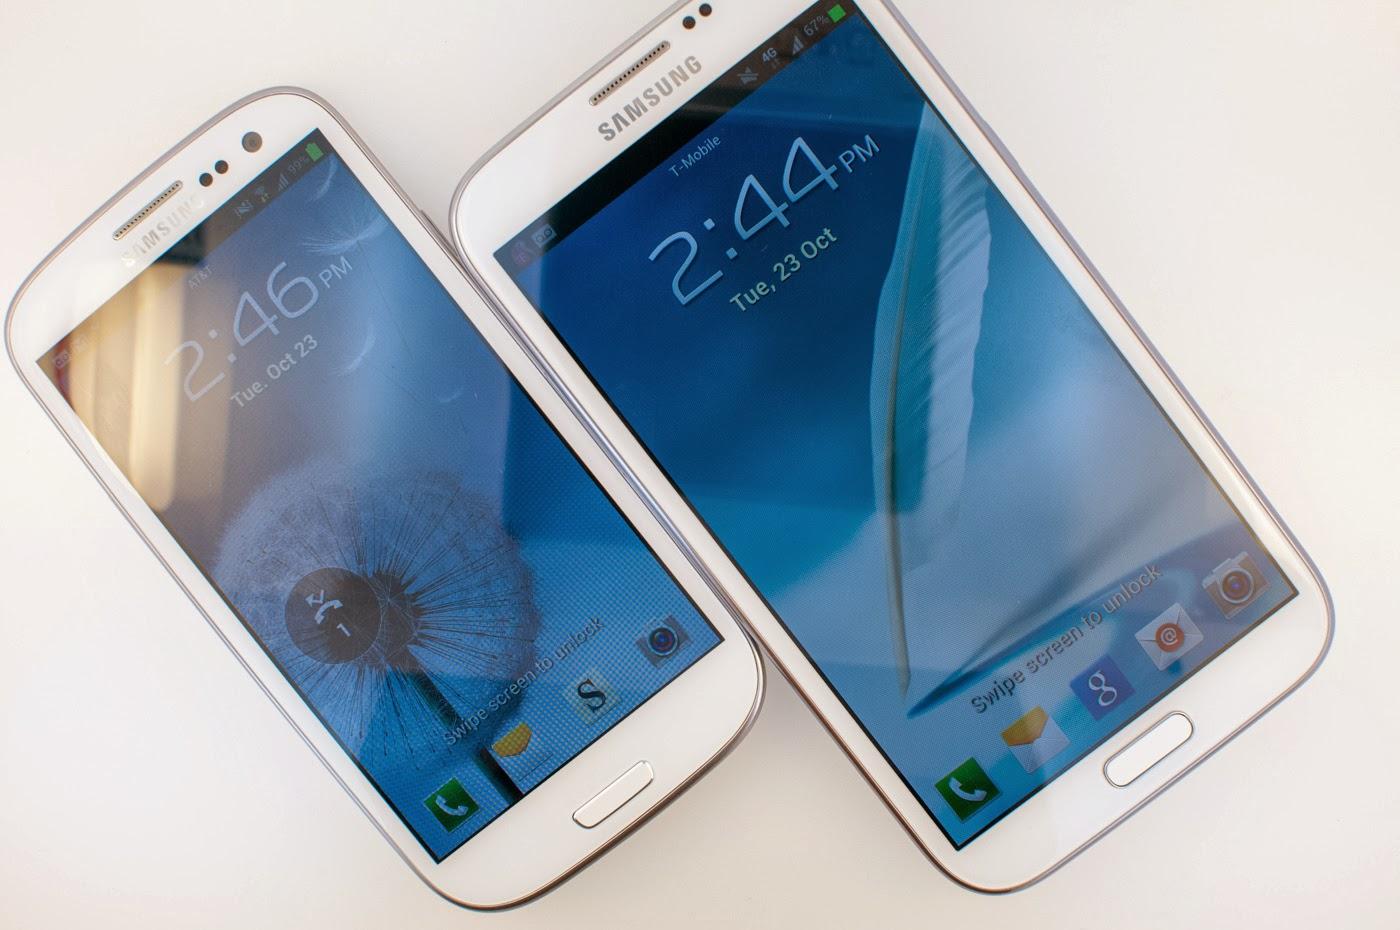 В смартфоне Samsung Galaxy S7 нашли неанонсированную функцию